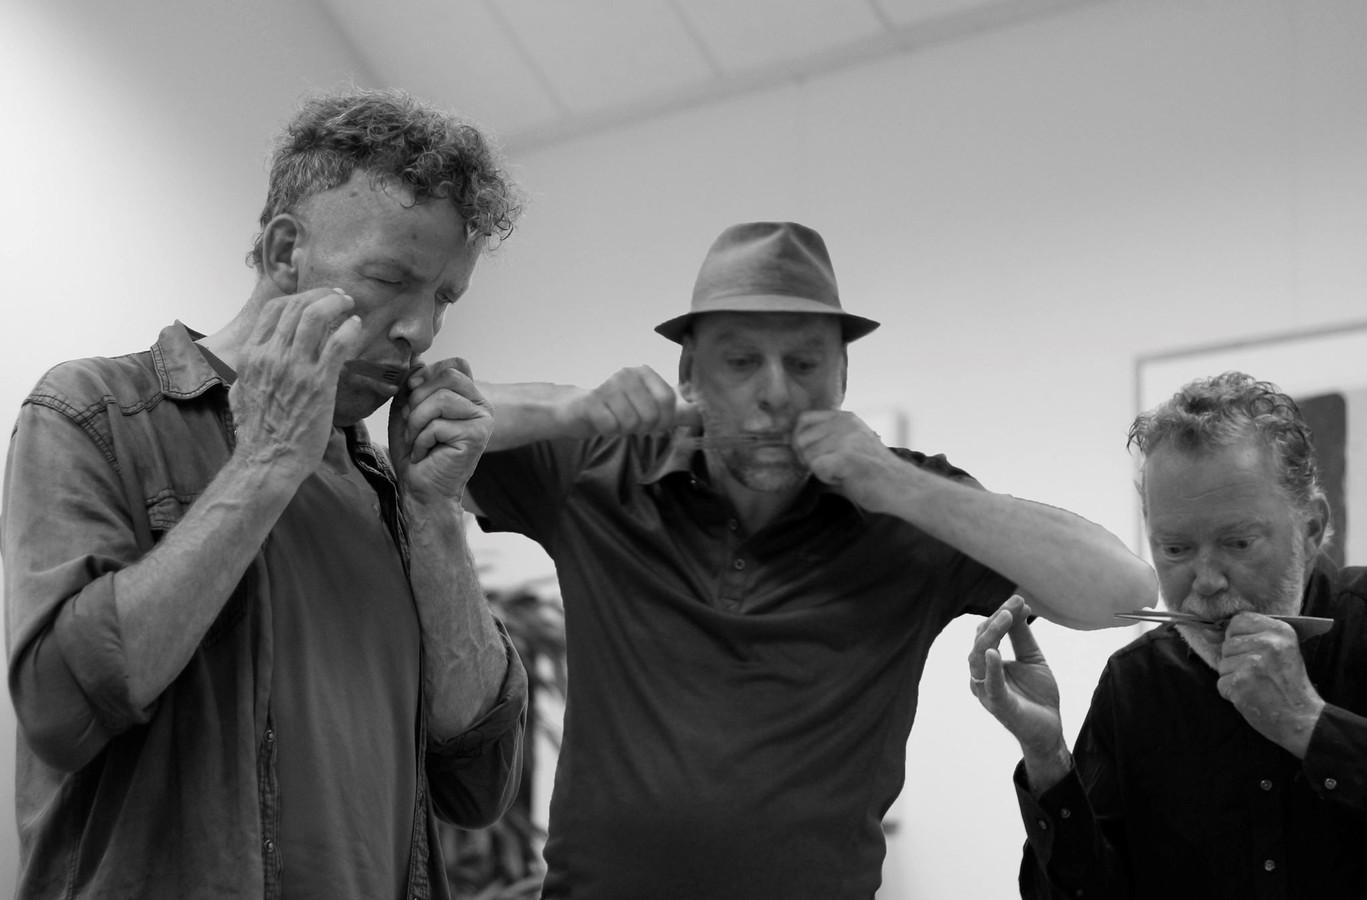 Drie Veluwenaren, Kees van Loon, Klaas Mons en René Paes spelen oeroud instrument op Fête de la Musique